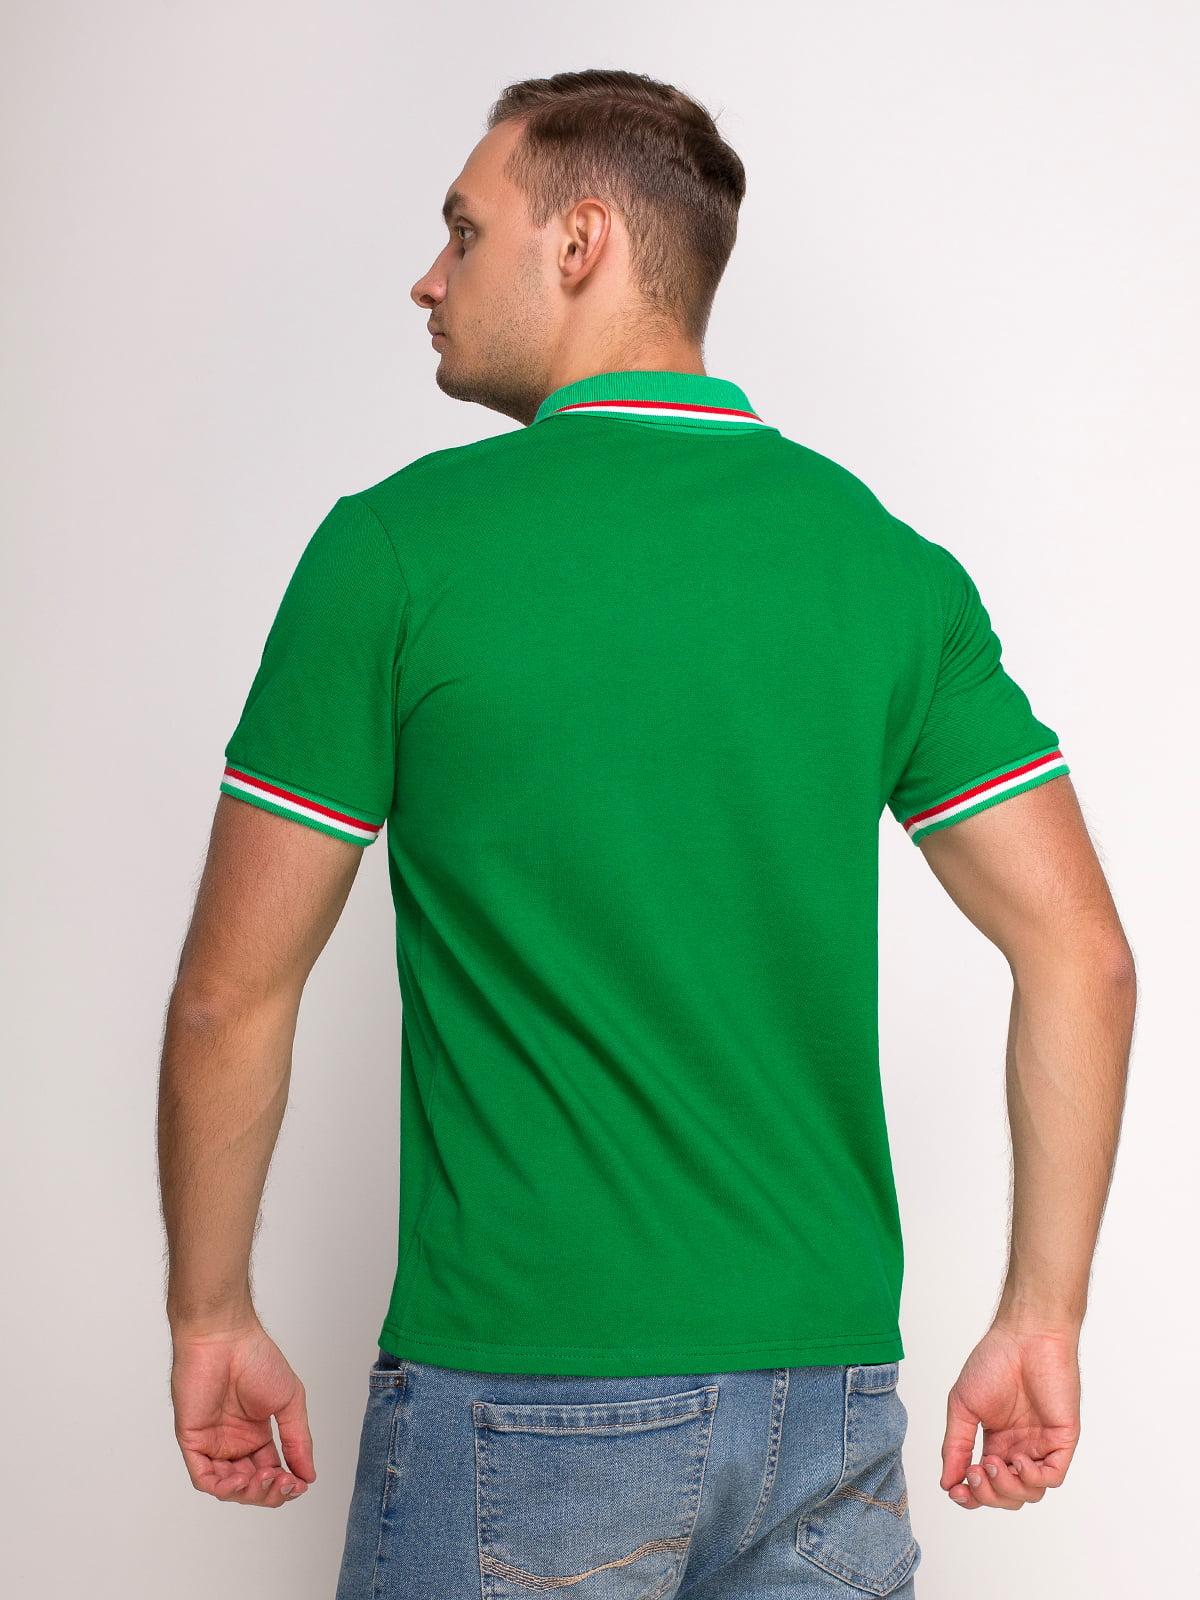 Футболка-поло зелена з принтом | 4583045 | фото 2